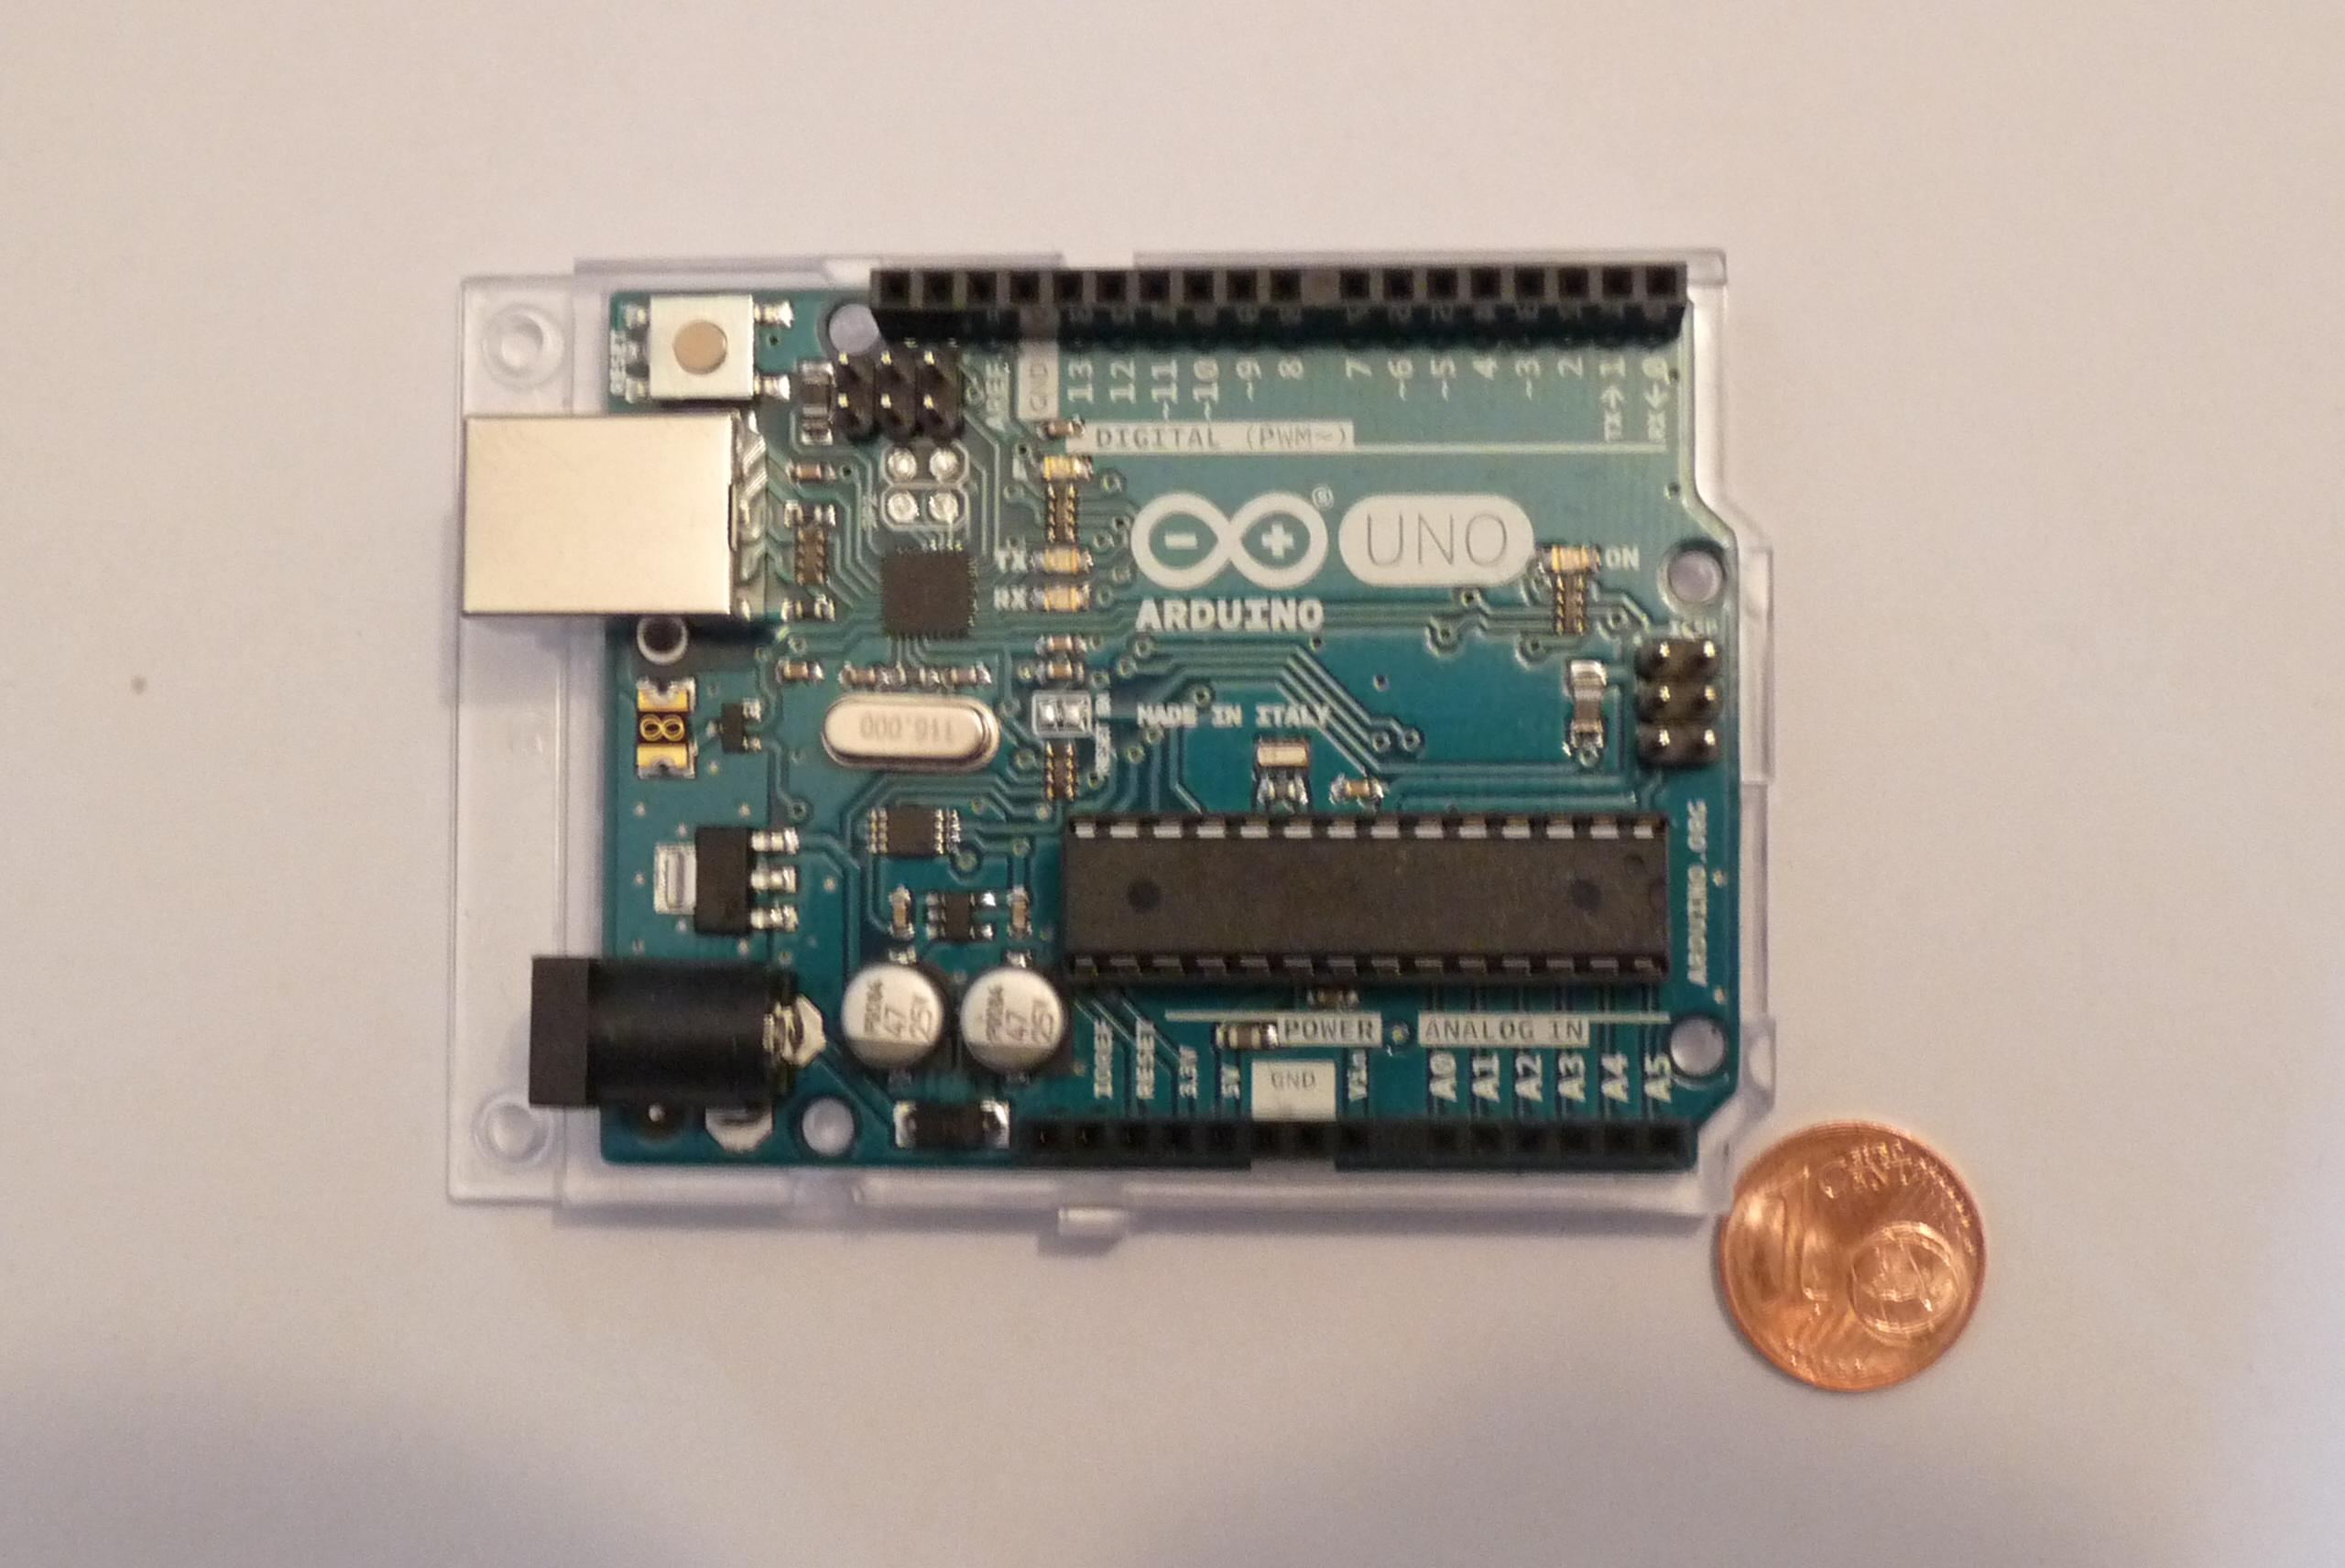 Winterprojekt: Setup Arduino-Programmierung